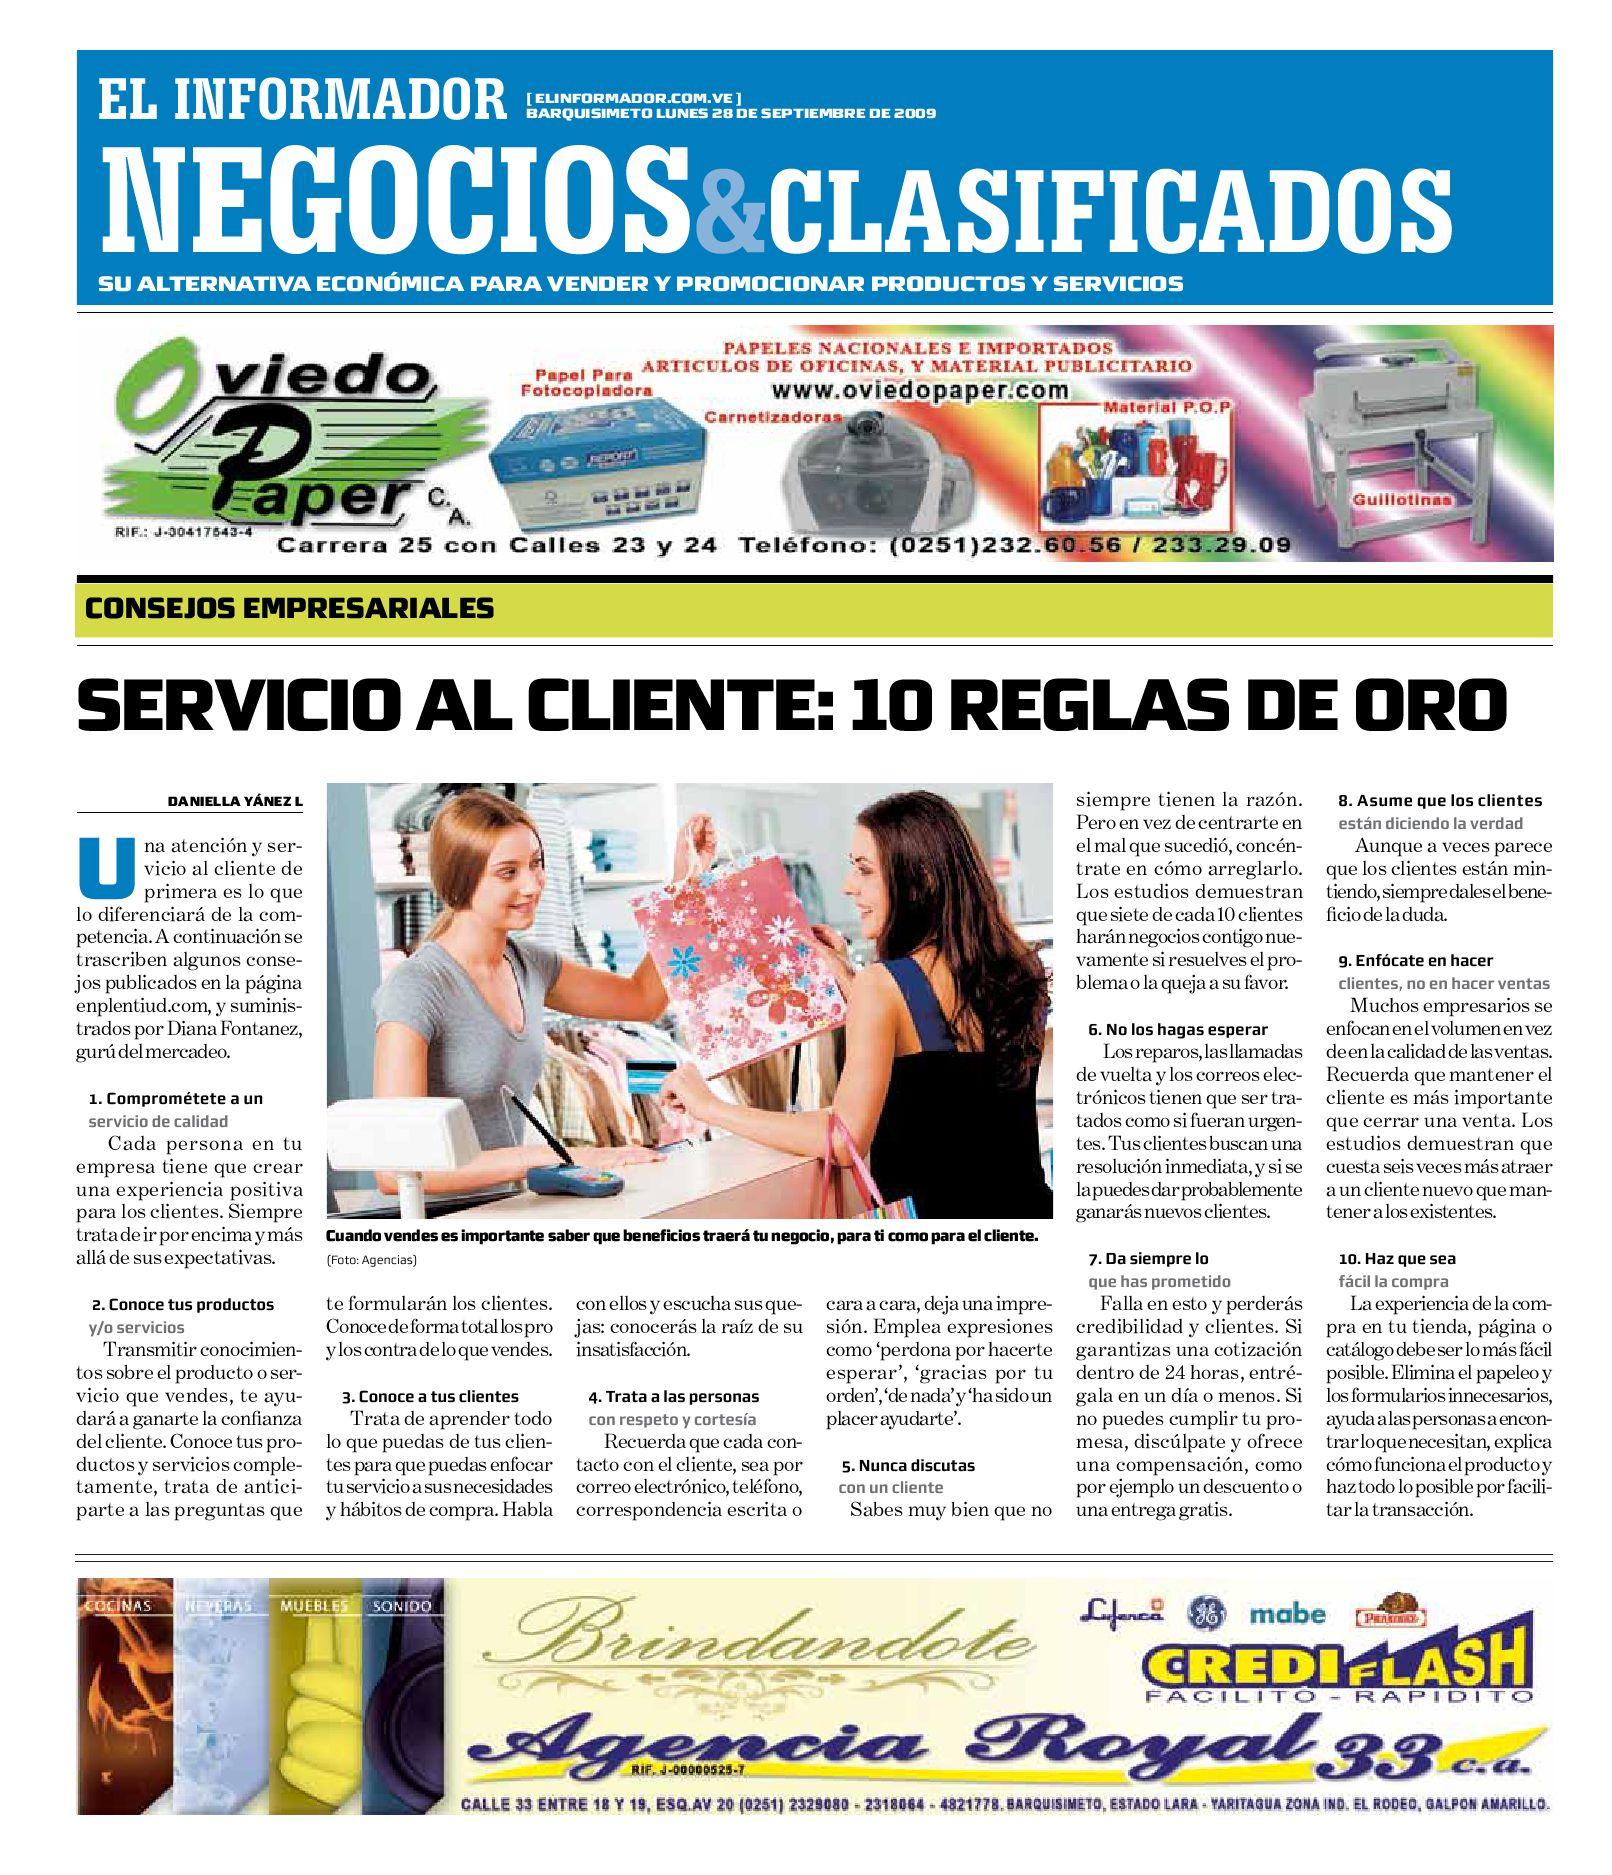 Negocios Y Clasificados 2009 09 28 By El Informador Diario  # Muebles Dangond